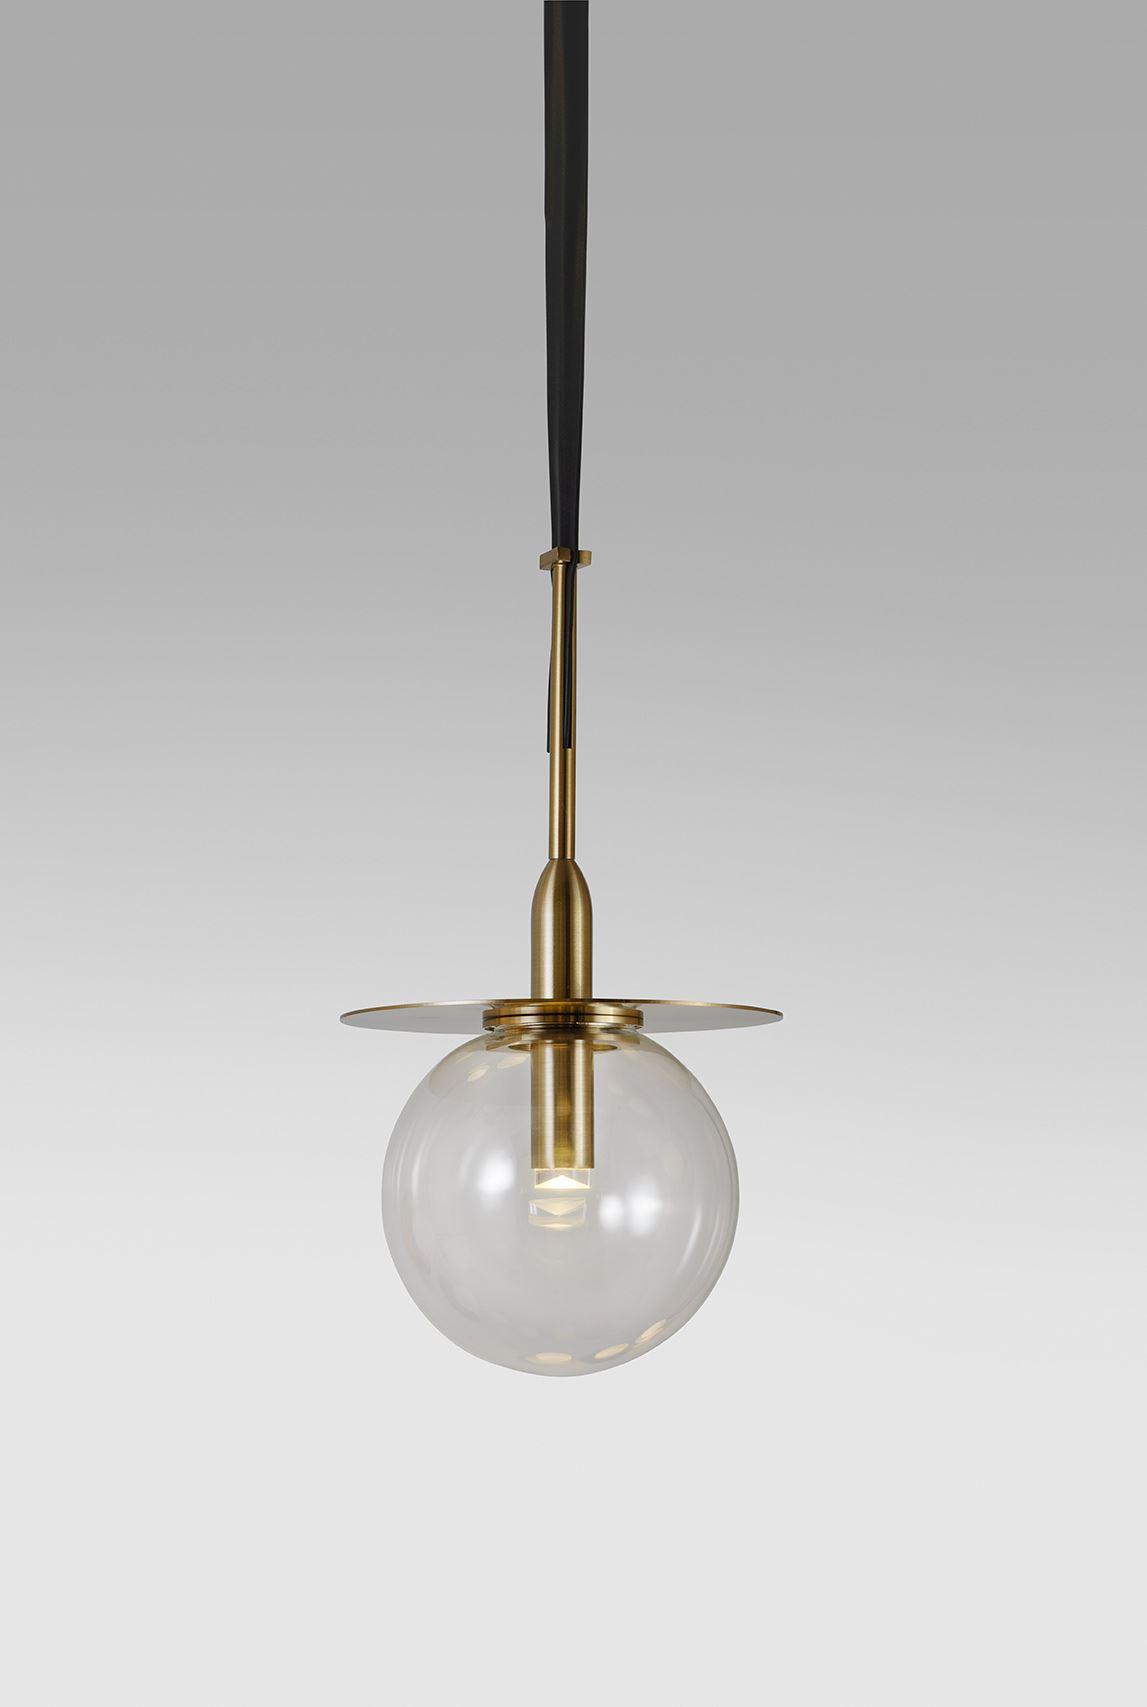 גופי תאורה בקטגוריית: צילינדרים  ,שם המוצר: נוגה